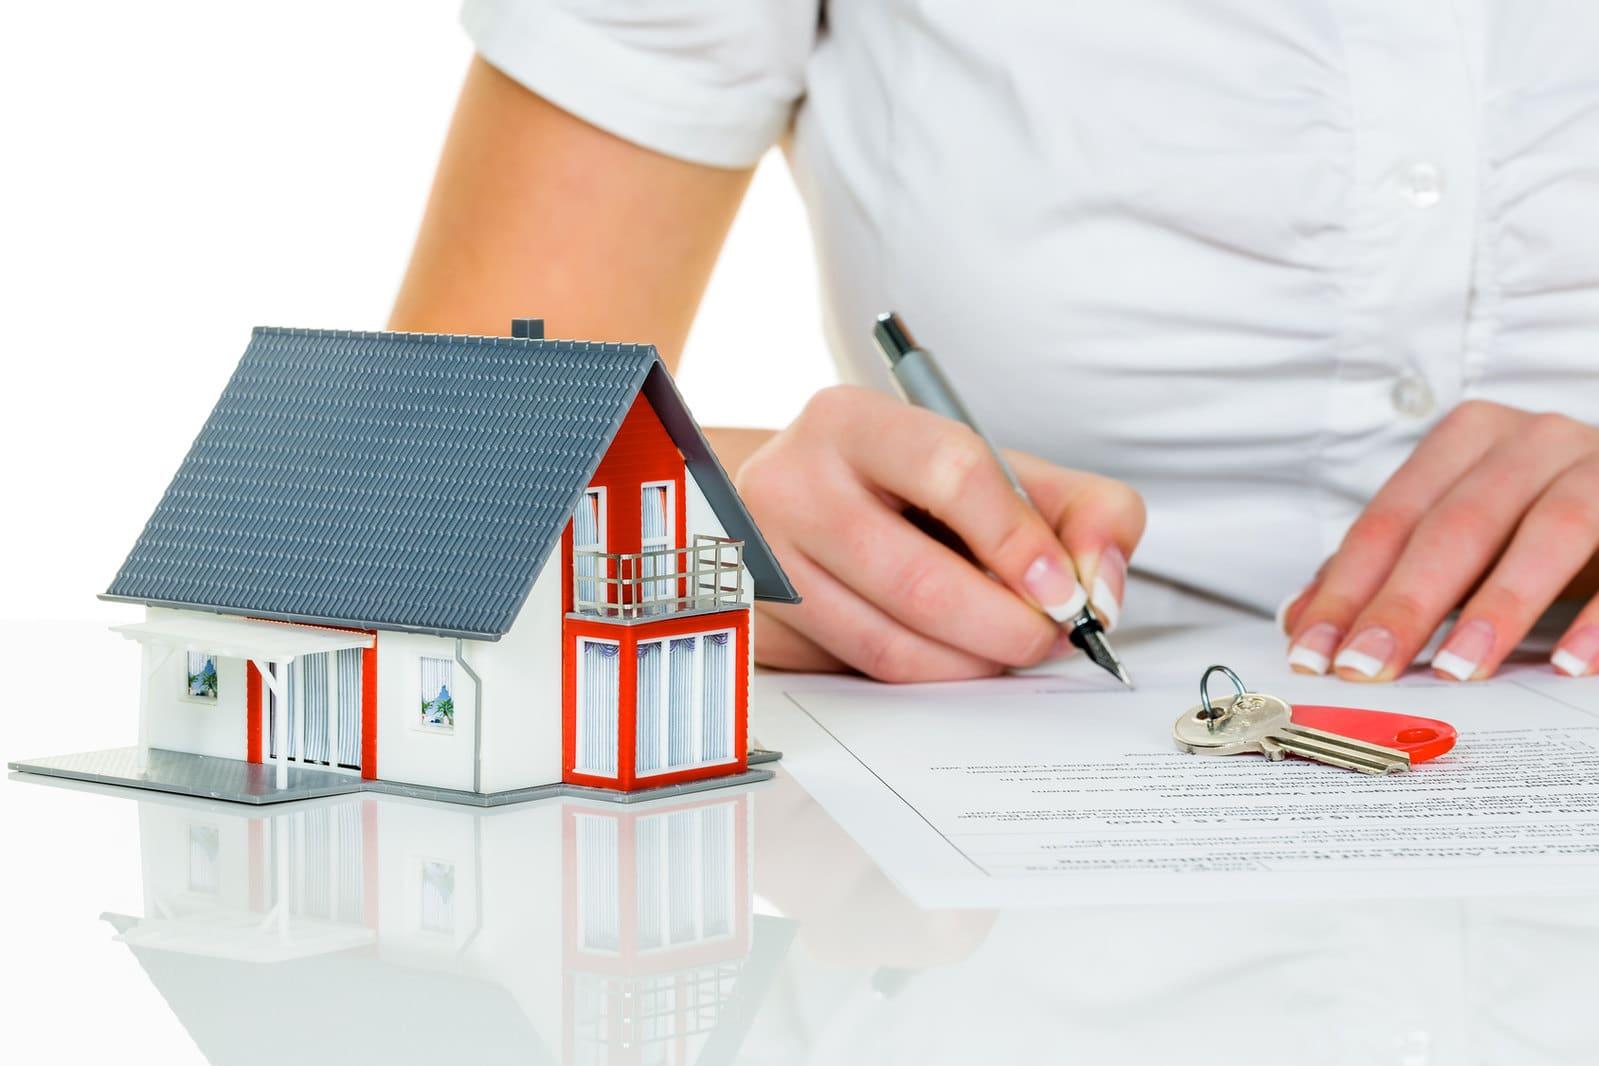 Закладная на ипотечную квартиру: для чего нужна и как оформляется